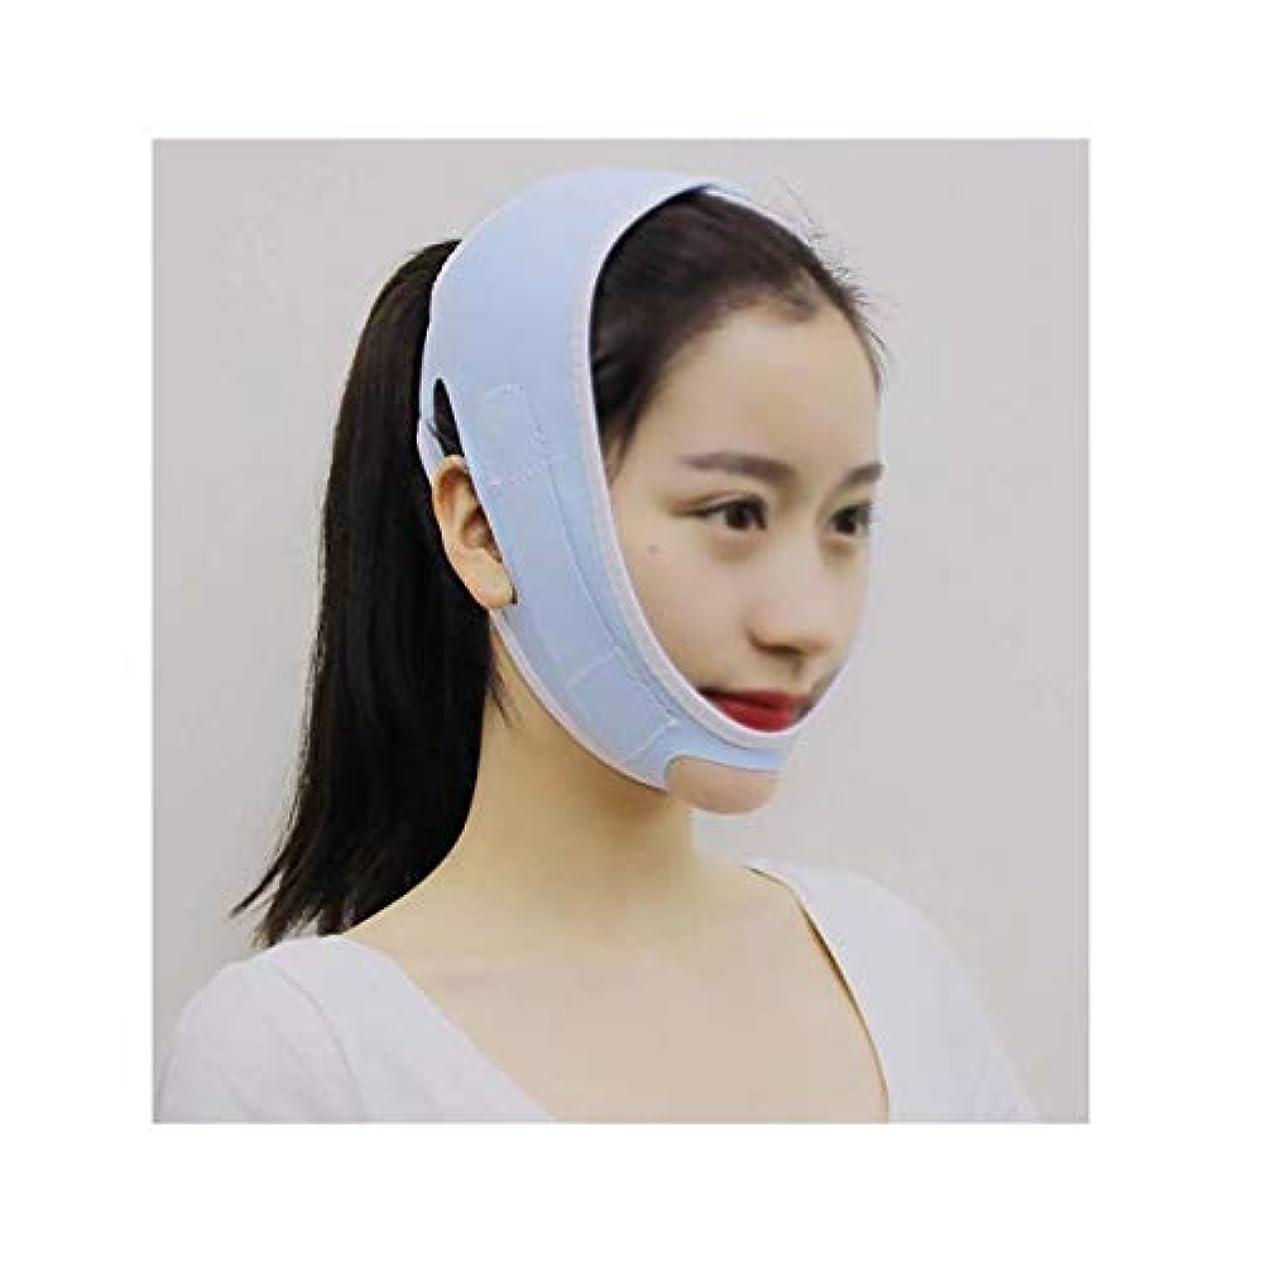 発明症候群トランジスタGLJJQMY フェイシャルリフティングマスクあごストラップ修復包帯ヘッドバンドマスクフェイスリフティングスモールVフェイスアーティファクト型美容弾性フェイシャル&ネックリフティング 顔用整形マスク (Color : Blue)